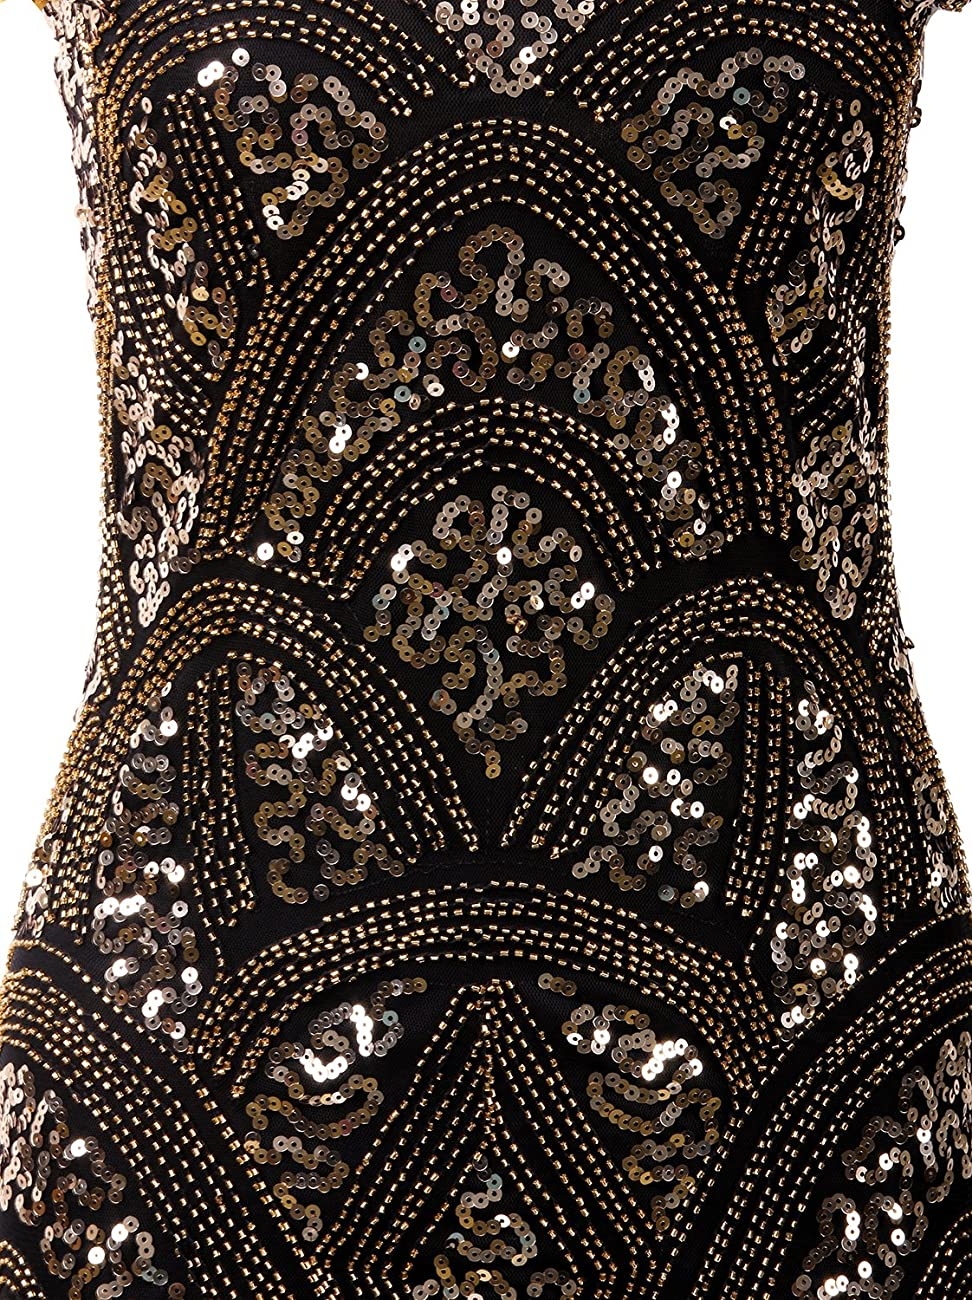 Vijiv 1920s Vintage Inspired Sequin Embellished Fringe Prom Gatsby Flapper Dress 5